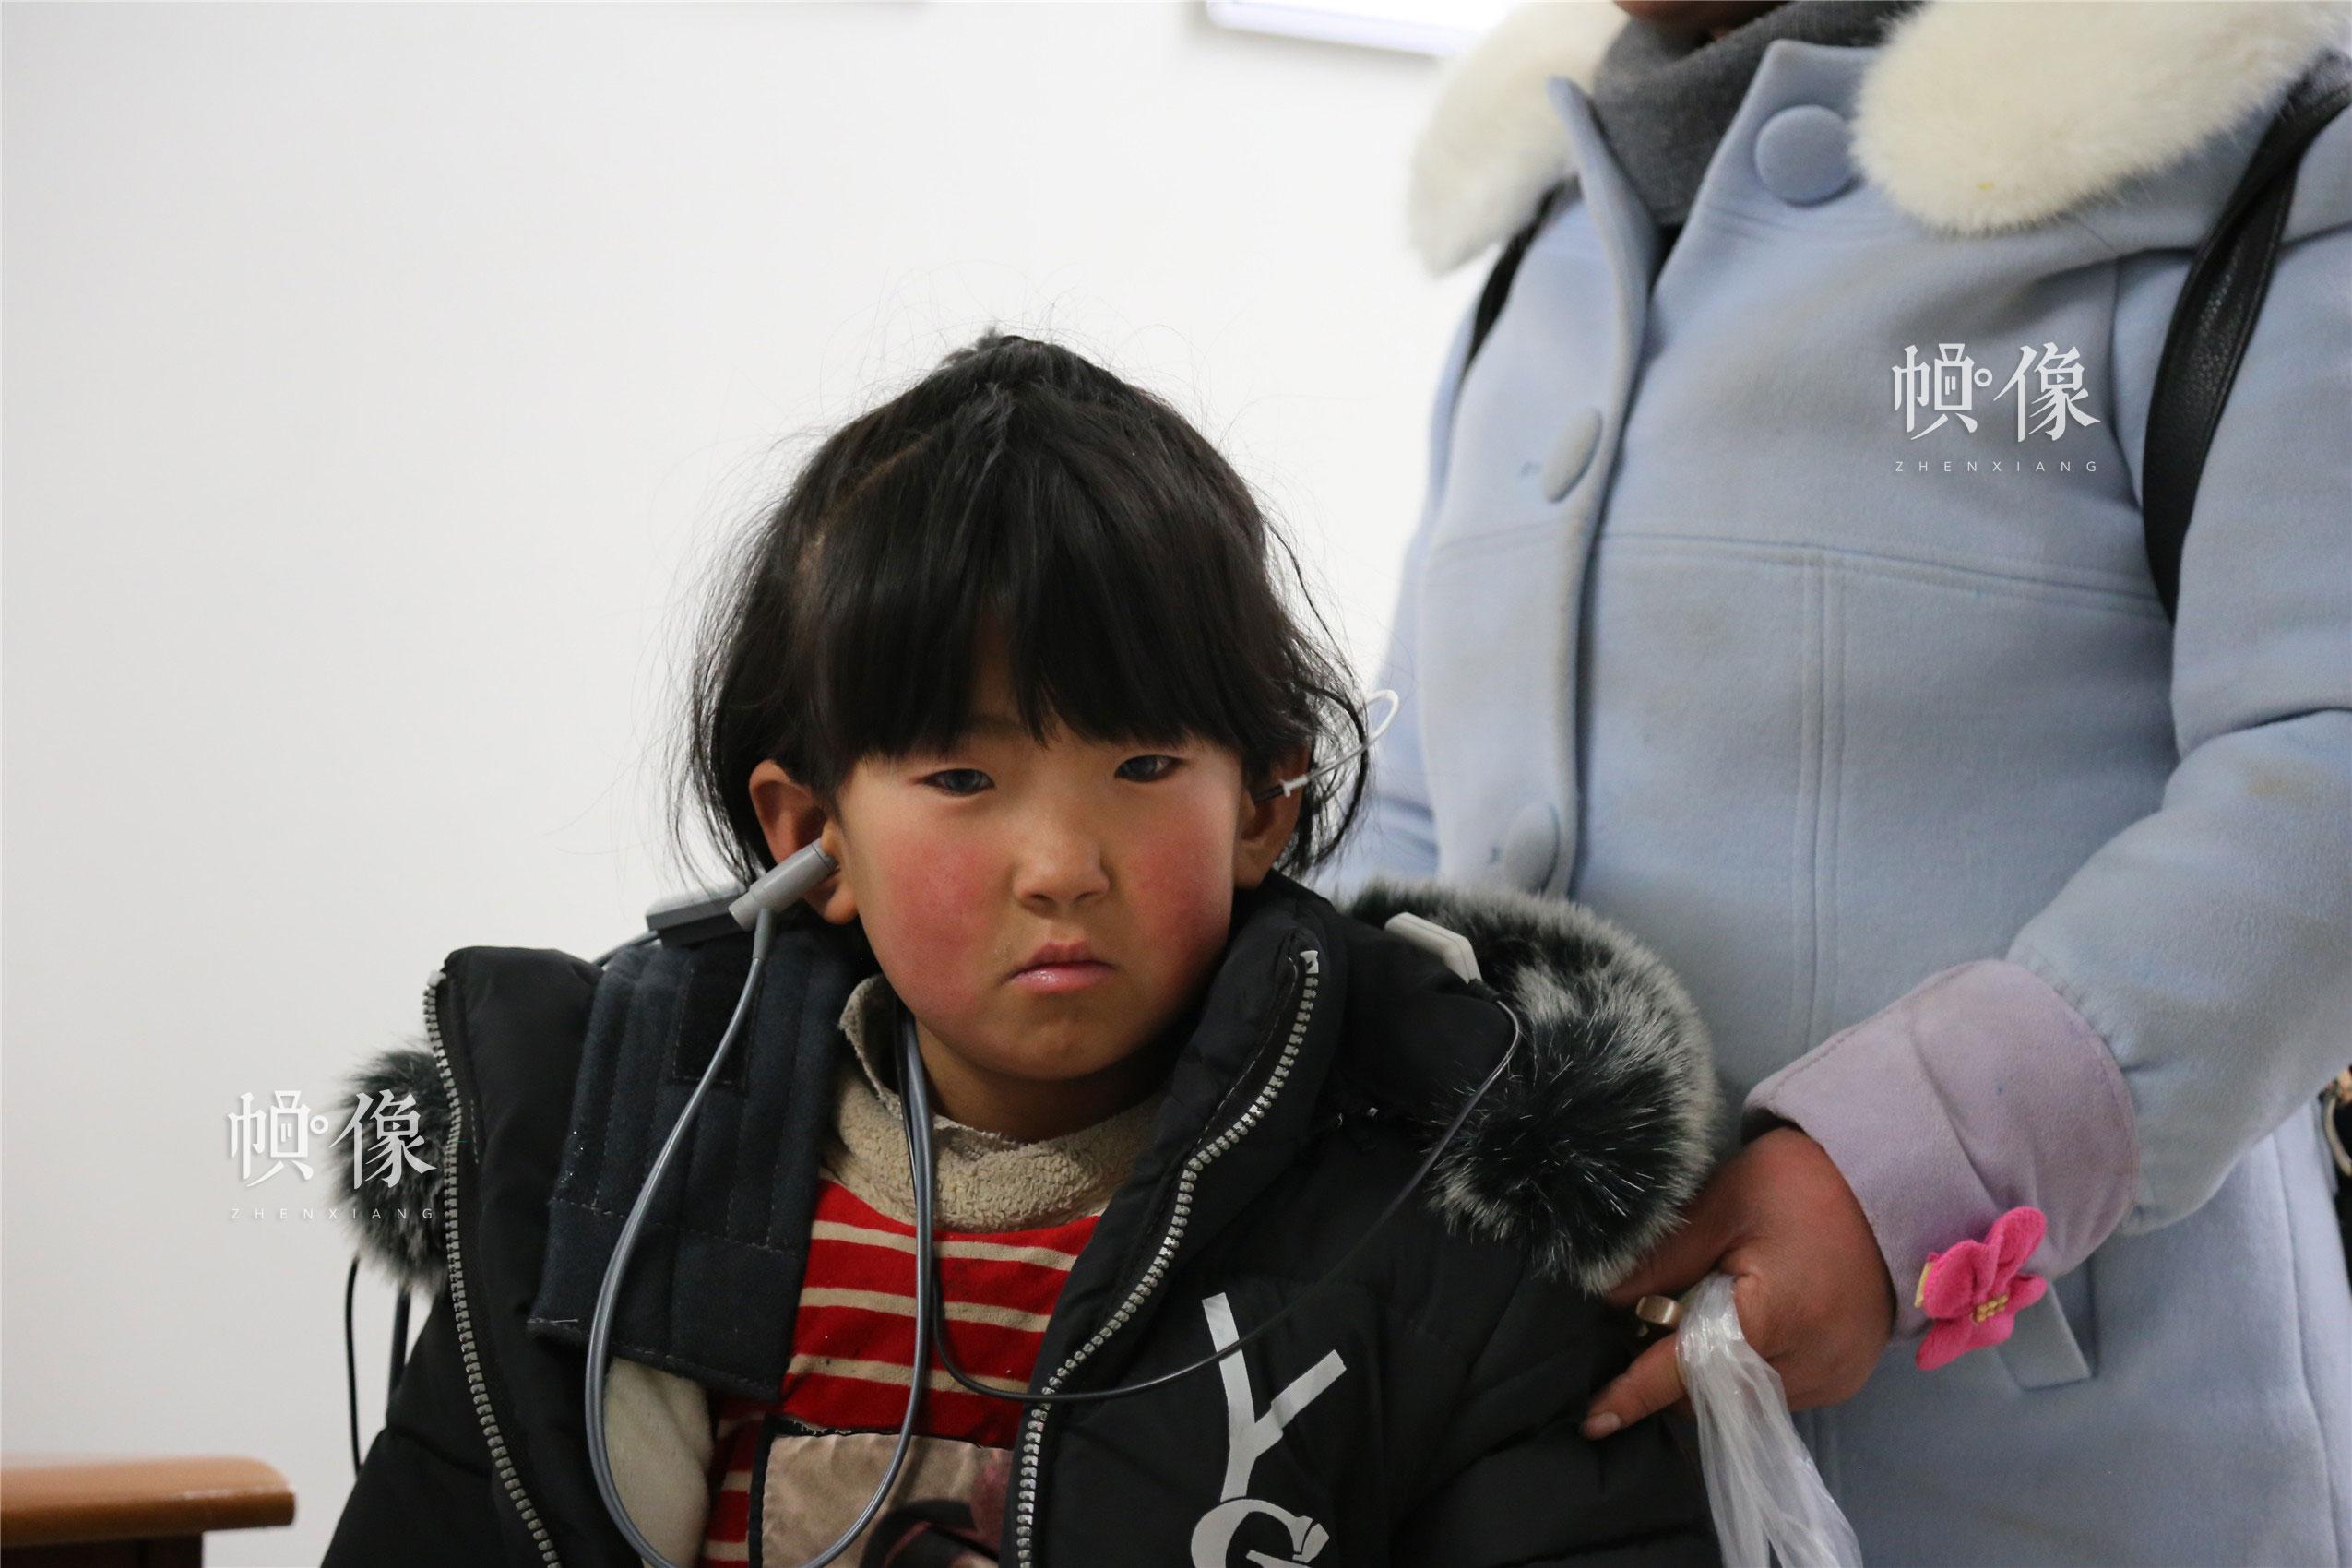 2018年1月21日,甘肃省陇南市西和县,正在进行检查的疑似听力障碍儿童。中国网实习记者 李逸奇 摄